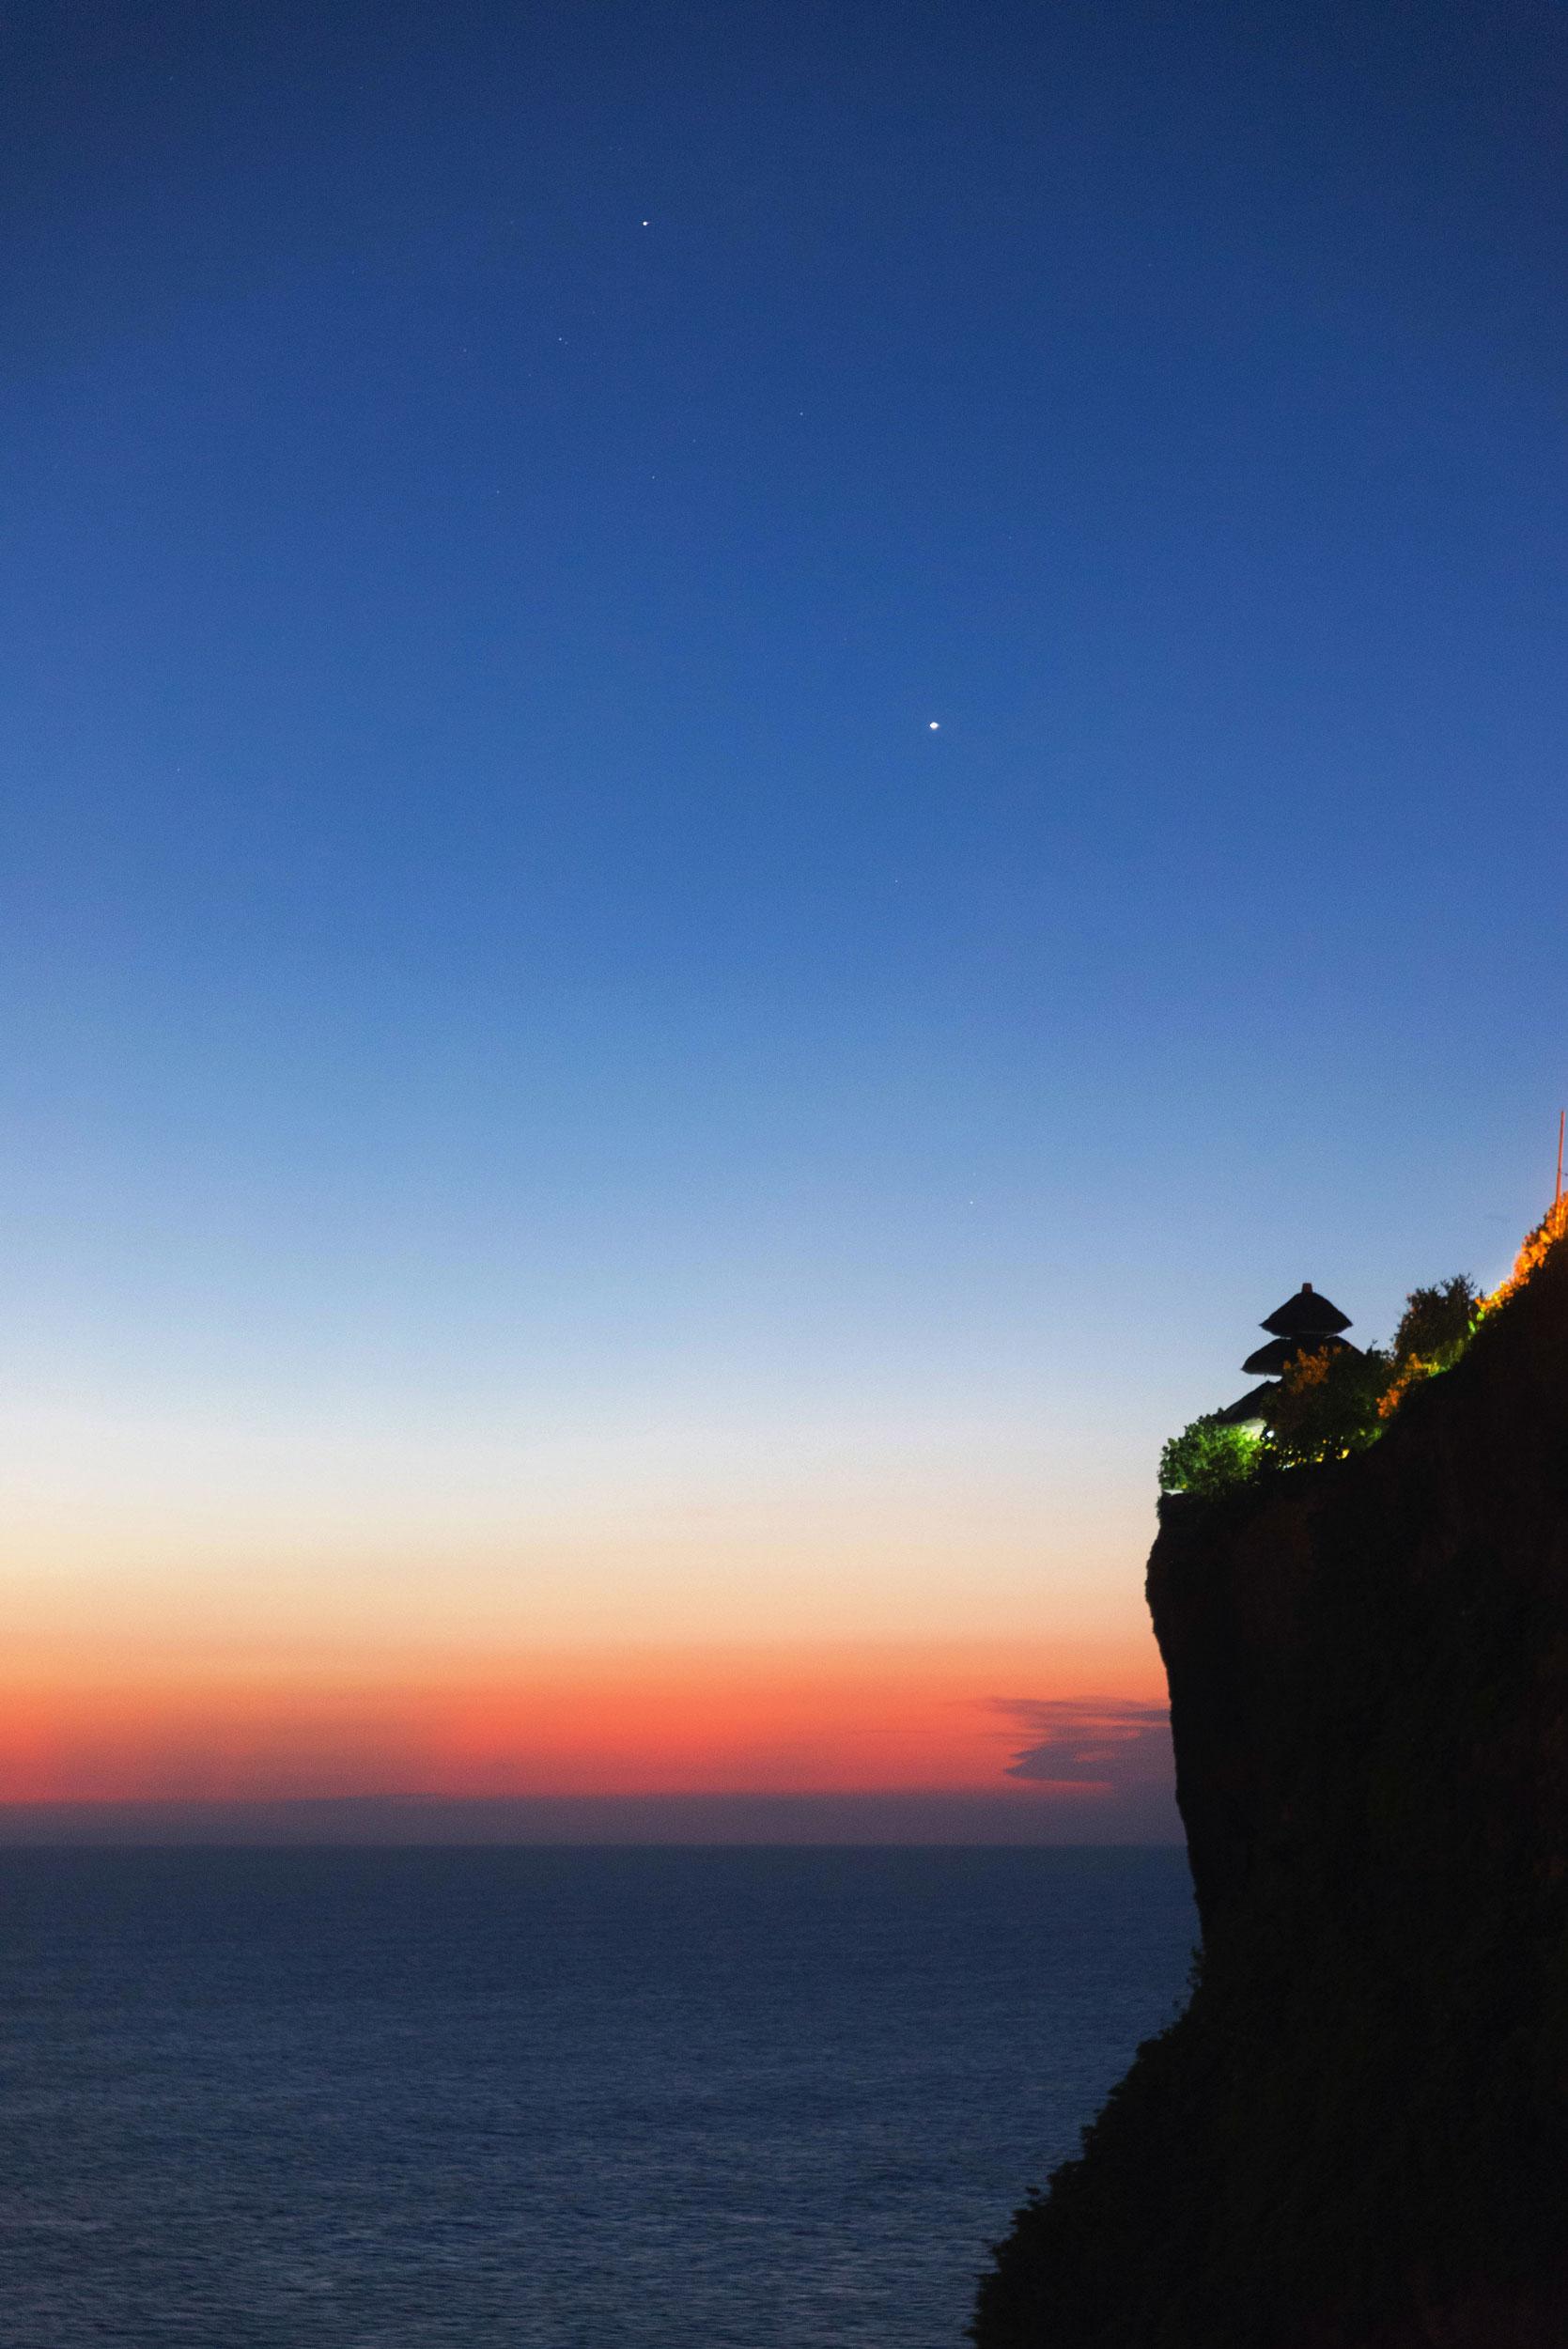 Uluwatu Temple at sunset